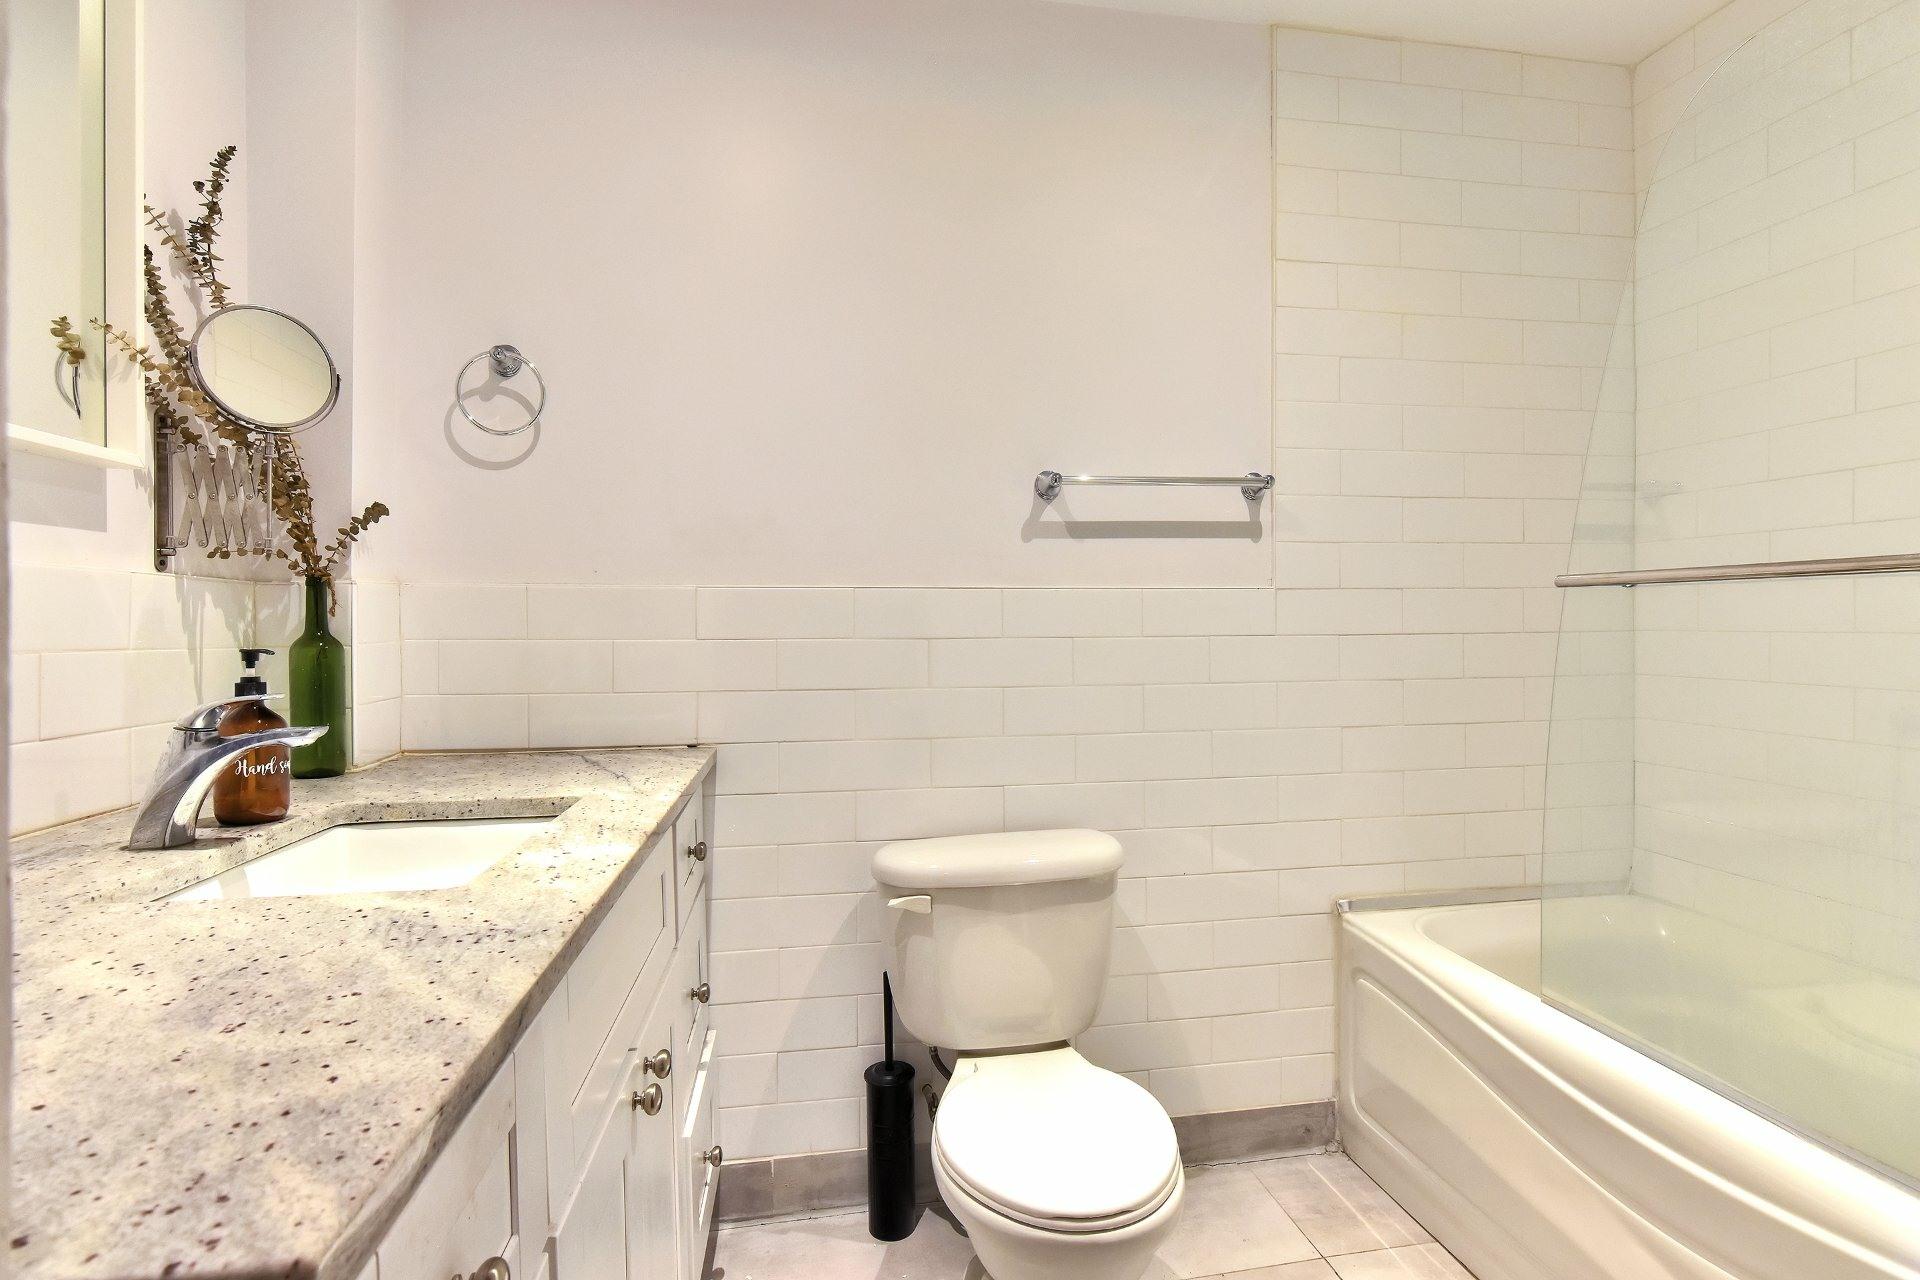 image 21 - Apartment For sale Côte-des-Neiges/Notre-Dame-de-Grâce Montréal  - 7 rooms